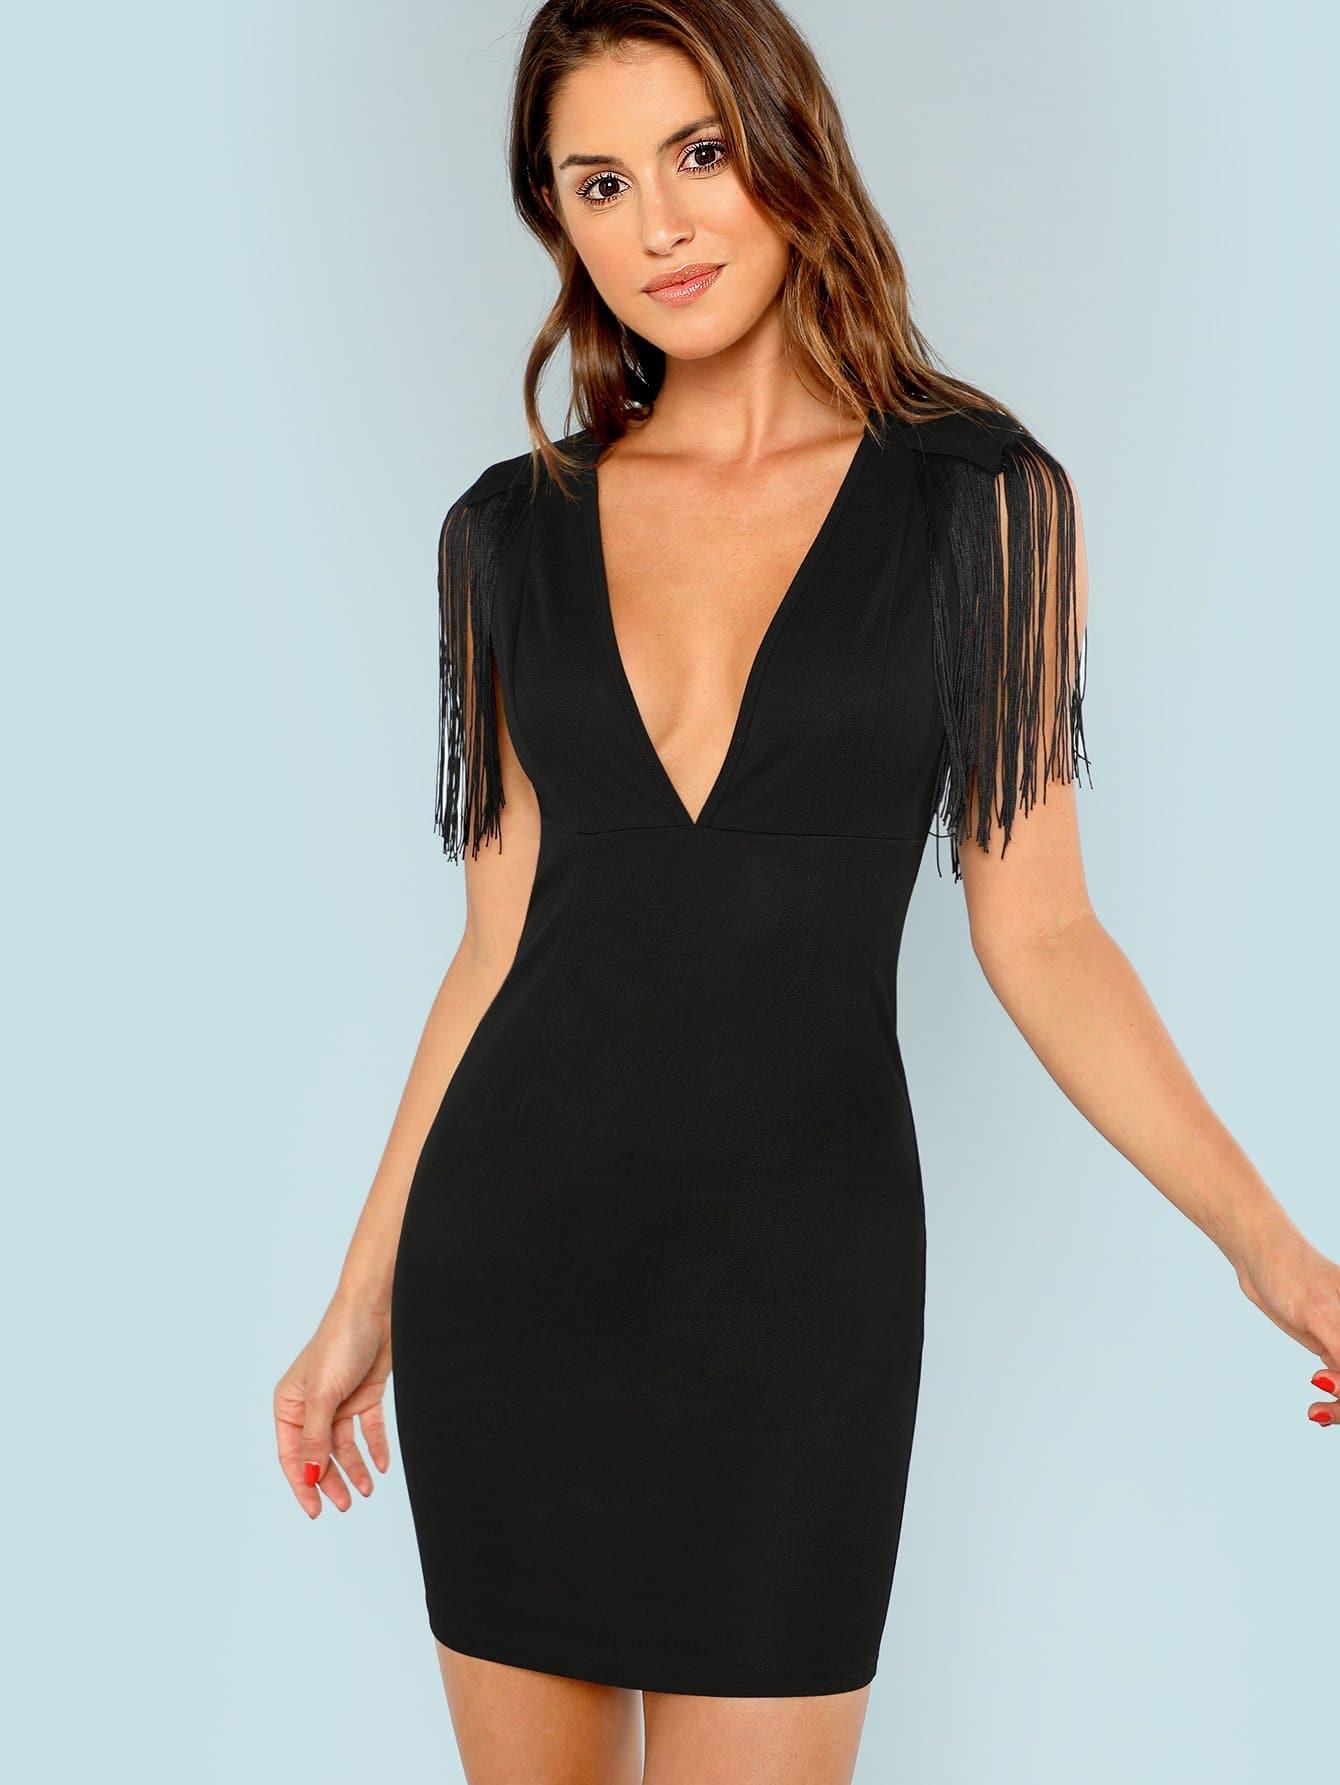 Низкий воротник бахромой облегающее платье, Noelle Brown, SheIn  - купить со скидкой